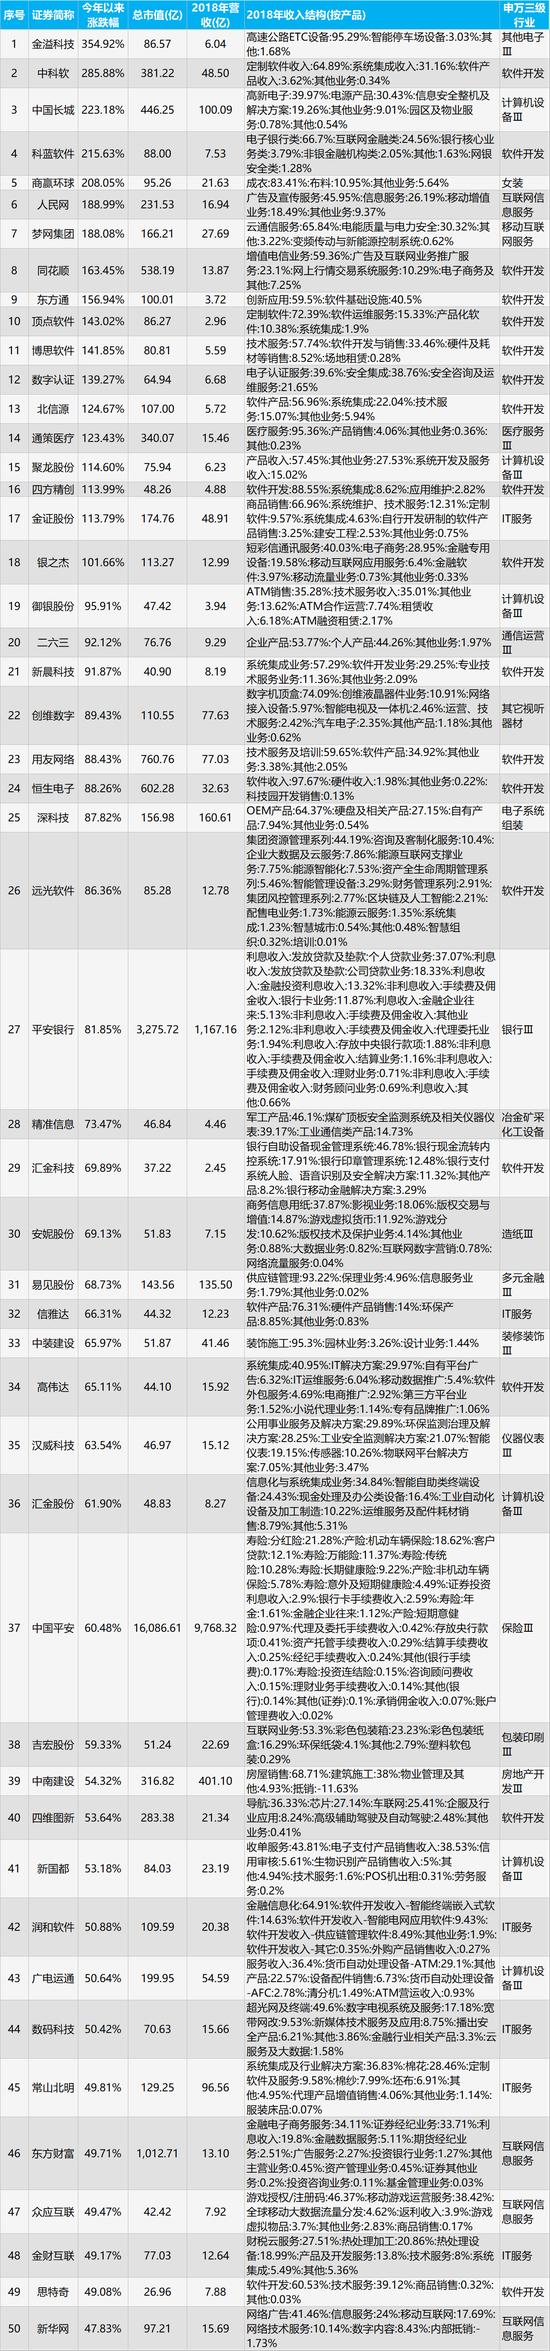 彩票985 特斯拉Model 3标准续航升级版中国市场开放选配